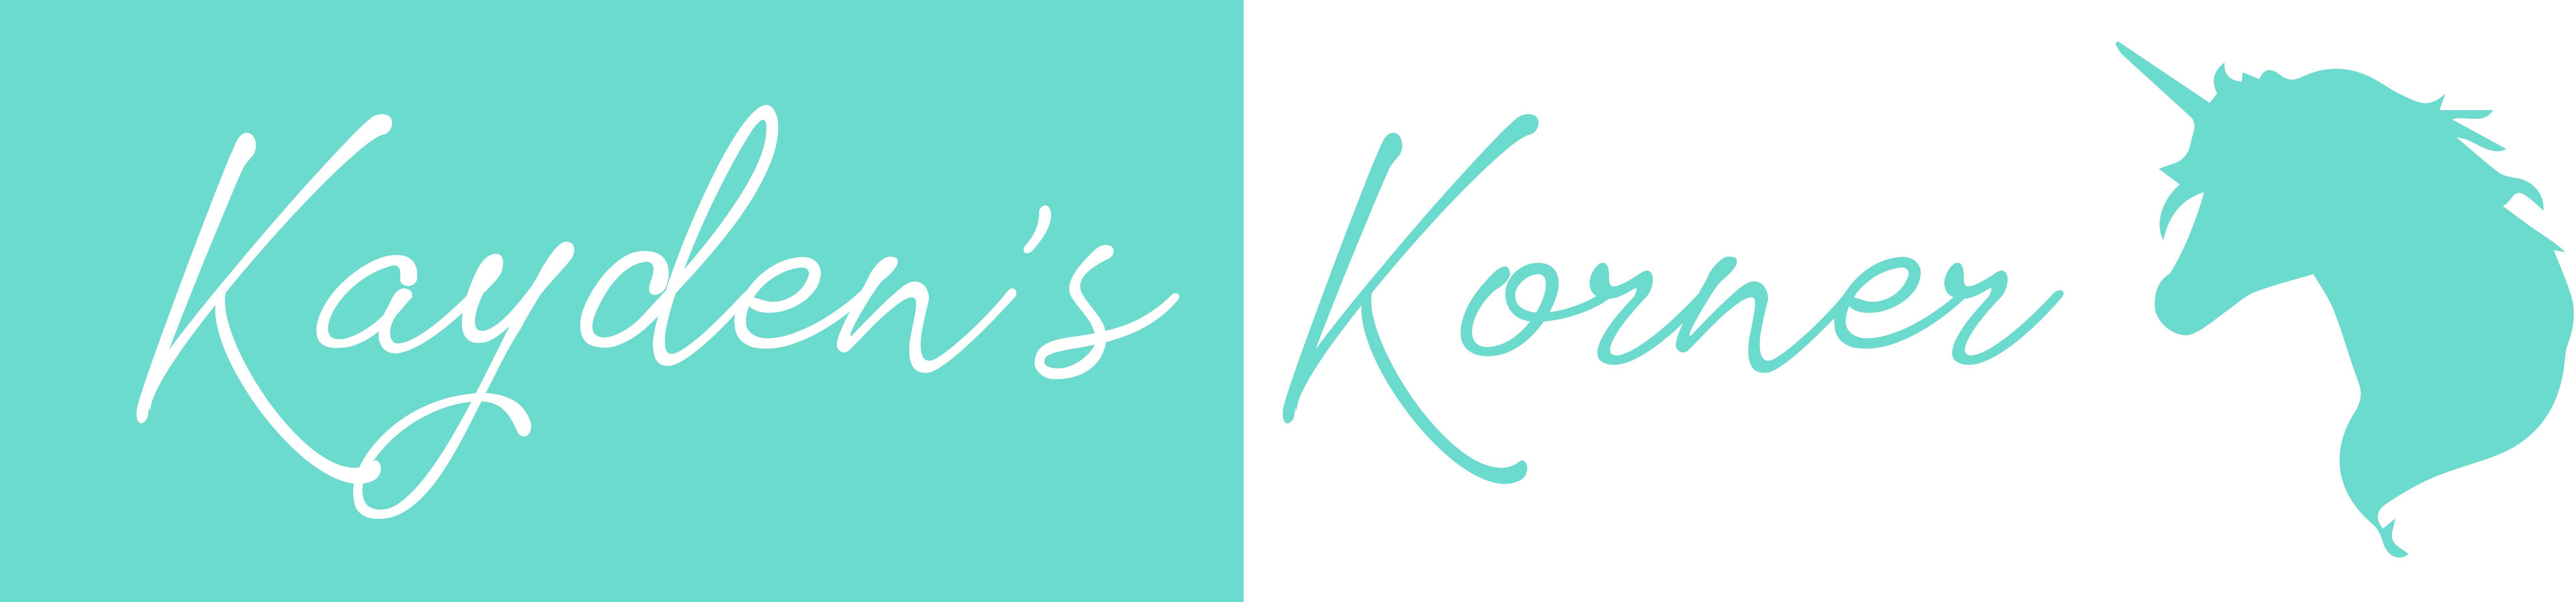 Kayden's Korner